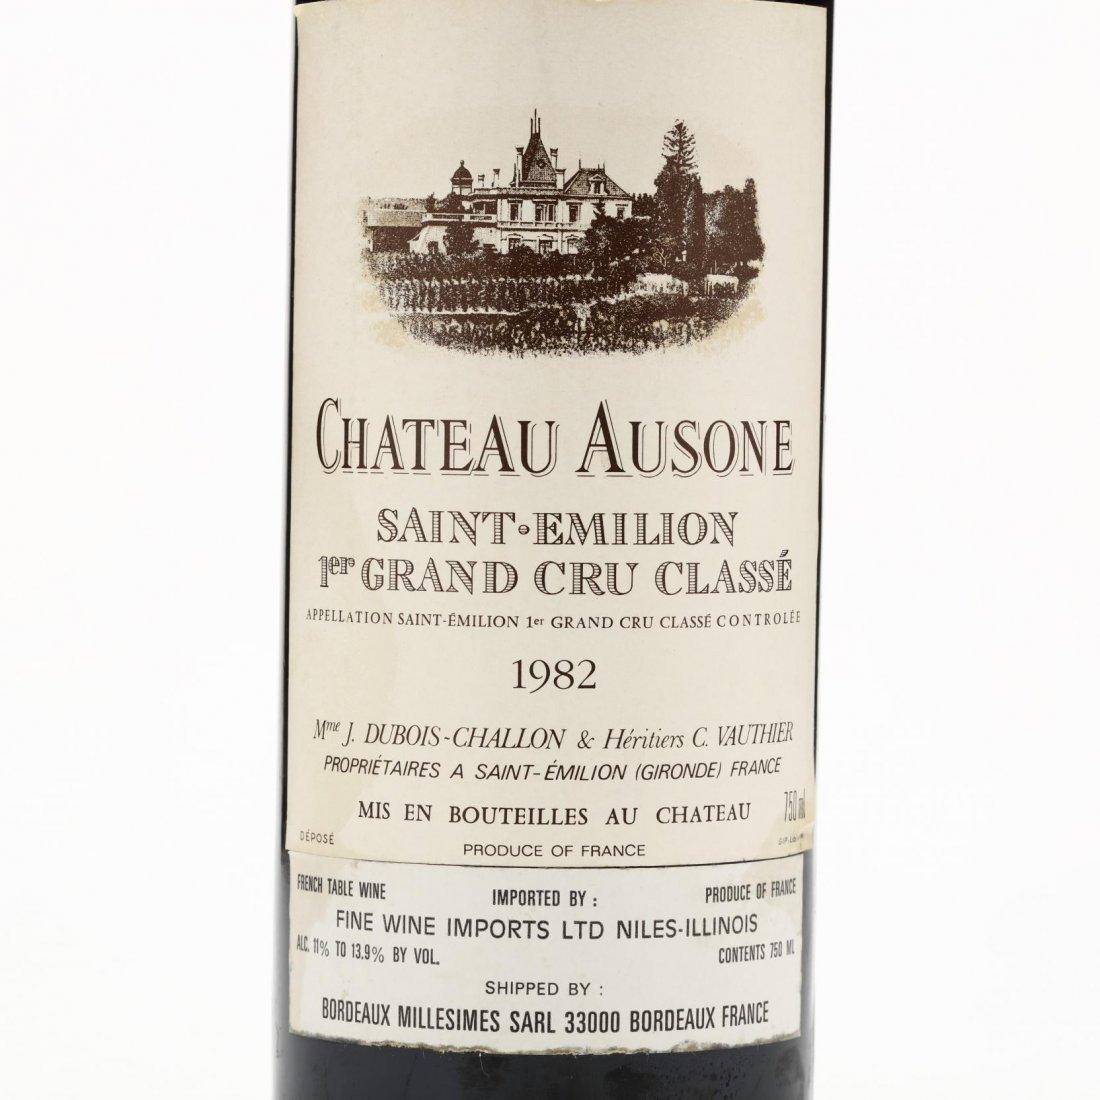 Chateau Ausone - Vintage 1982 - 2